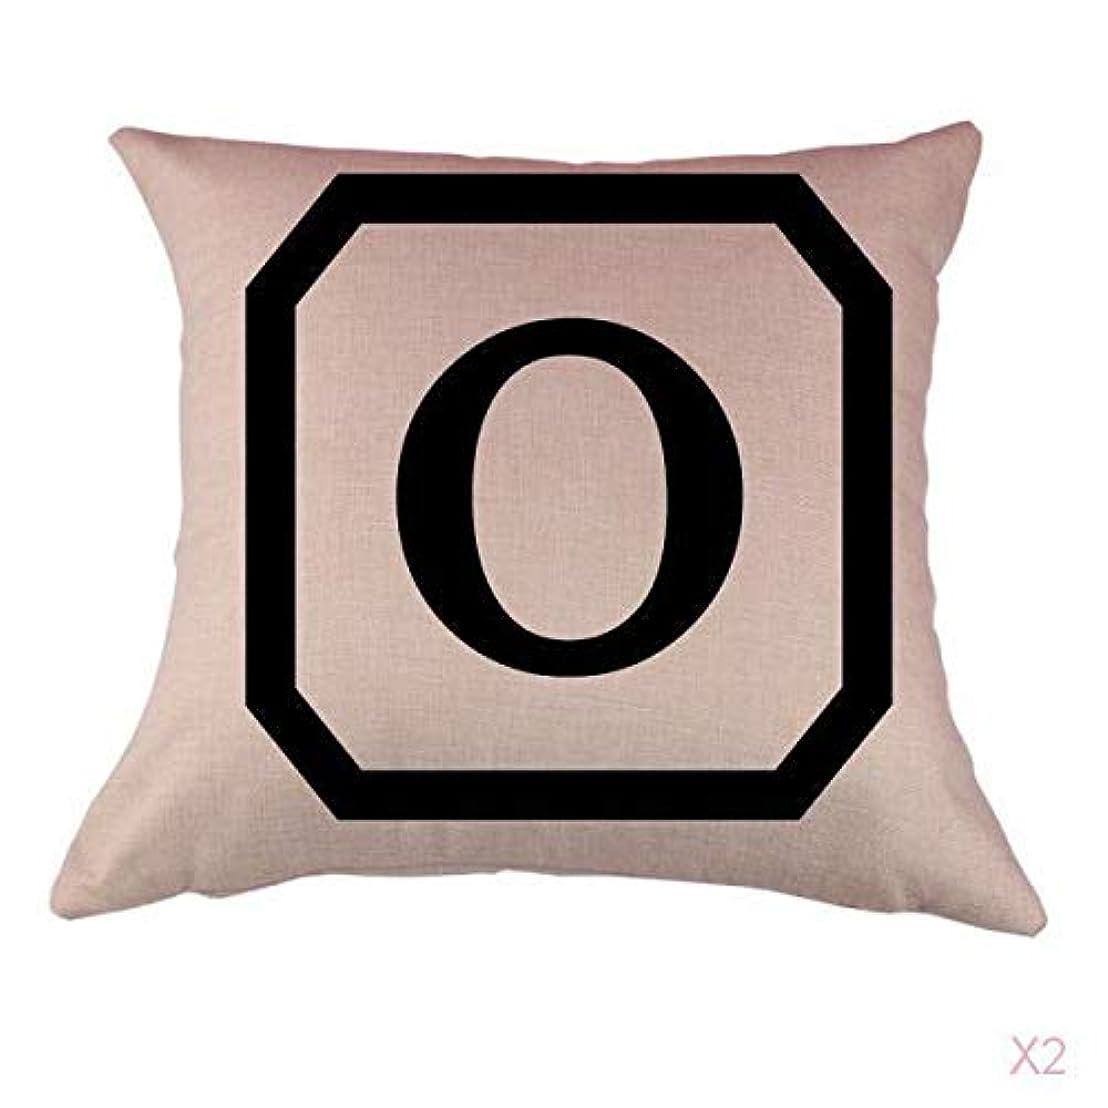 数ストレス漫画コットンリネンスロー枕カバークッションカバー家の装飾、初期アルファベットのO